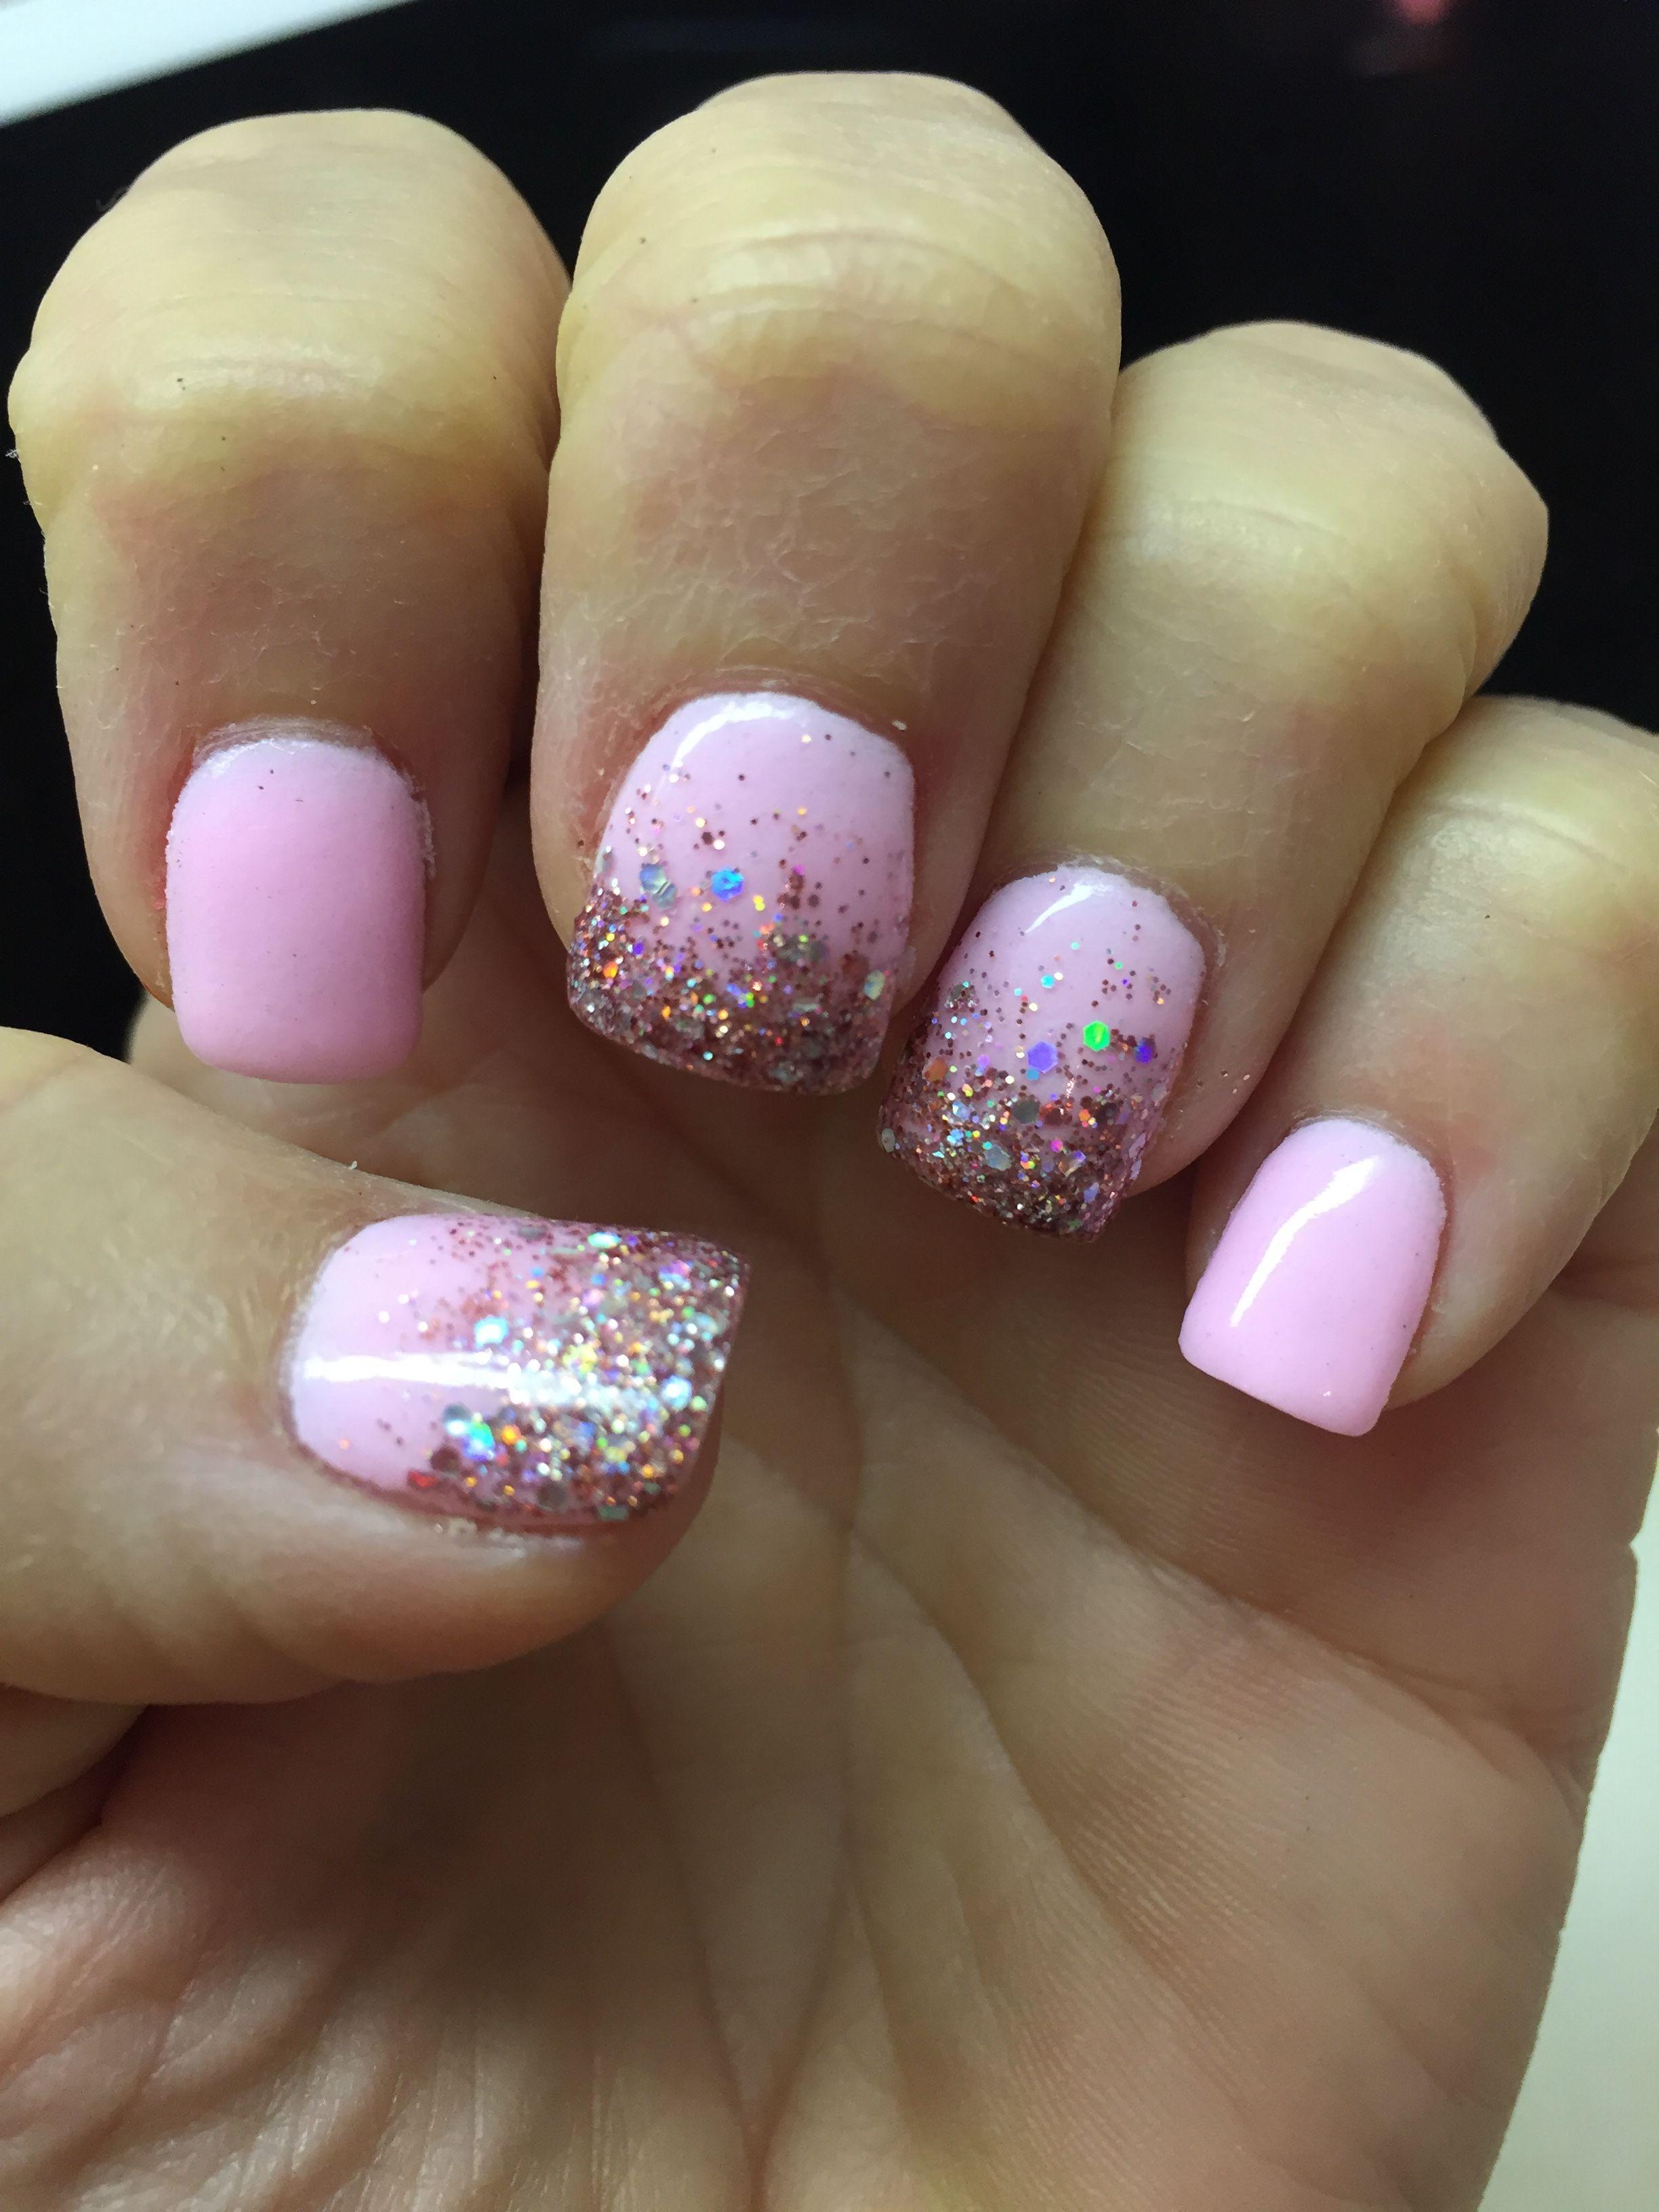 New Years nails glitter SNS Nails, Nail colors